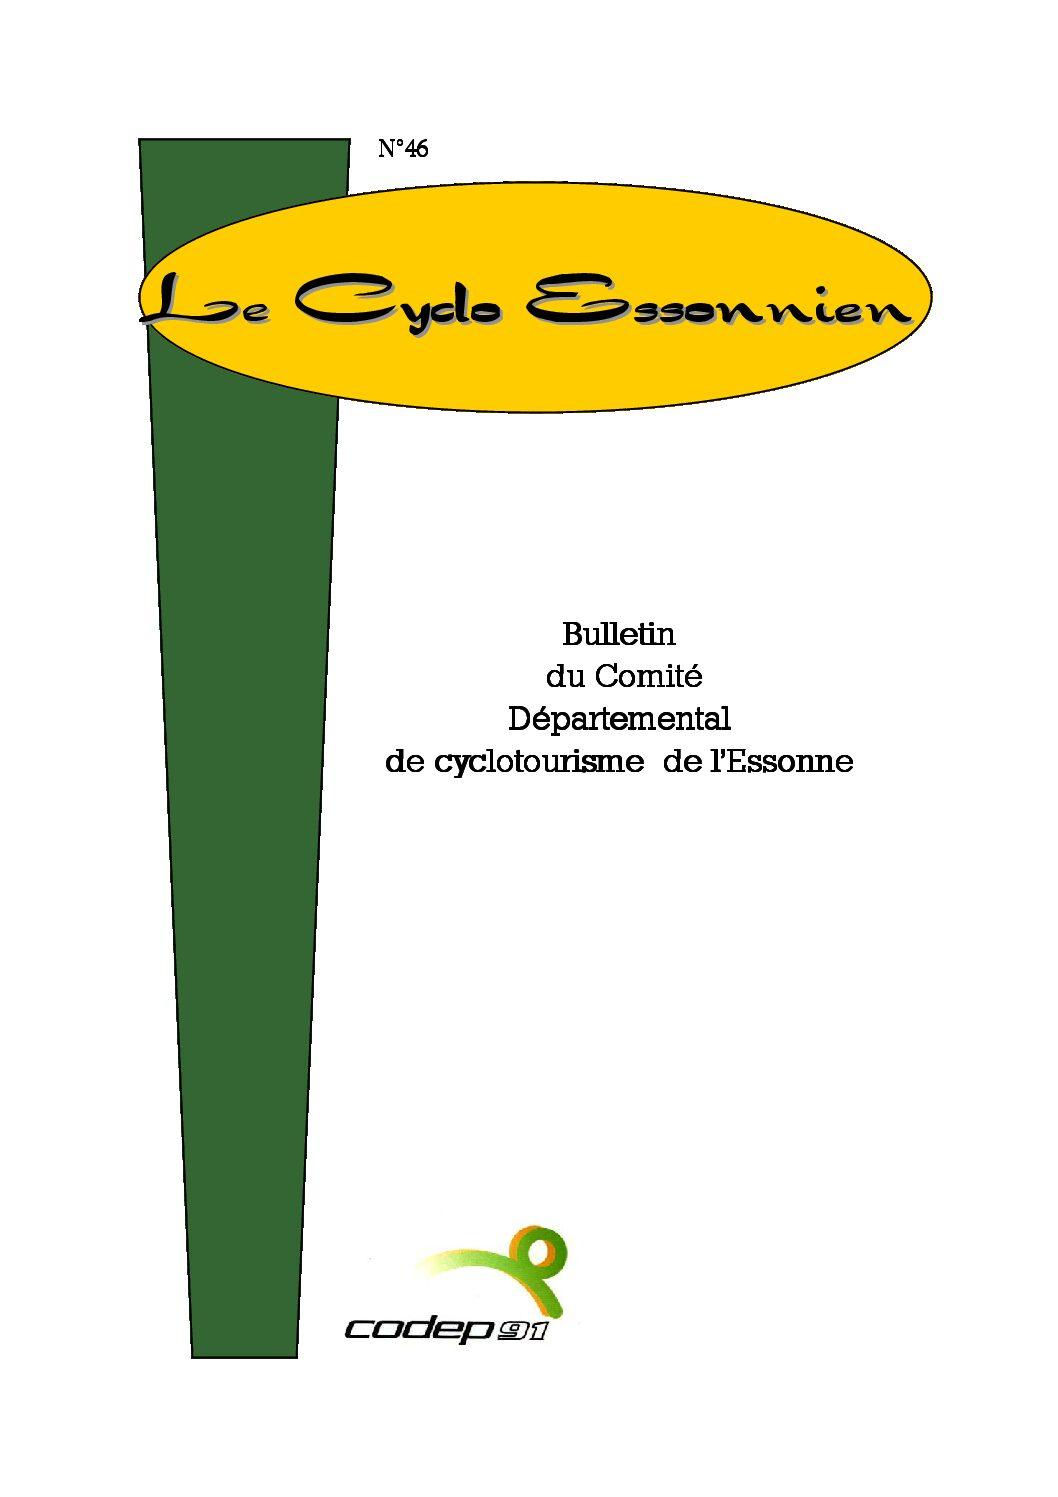 Le Cyclo Essonnien n°46